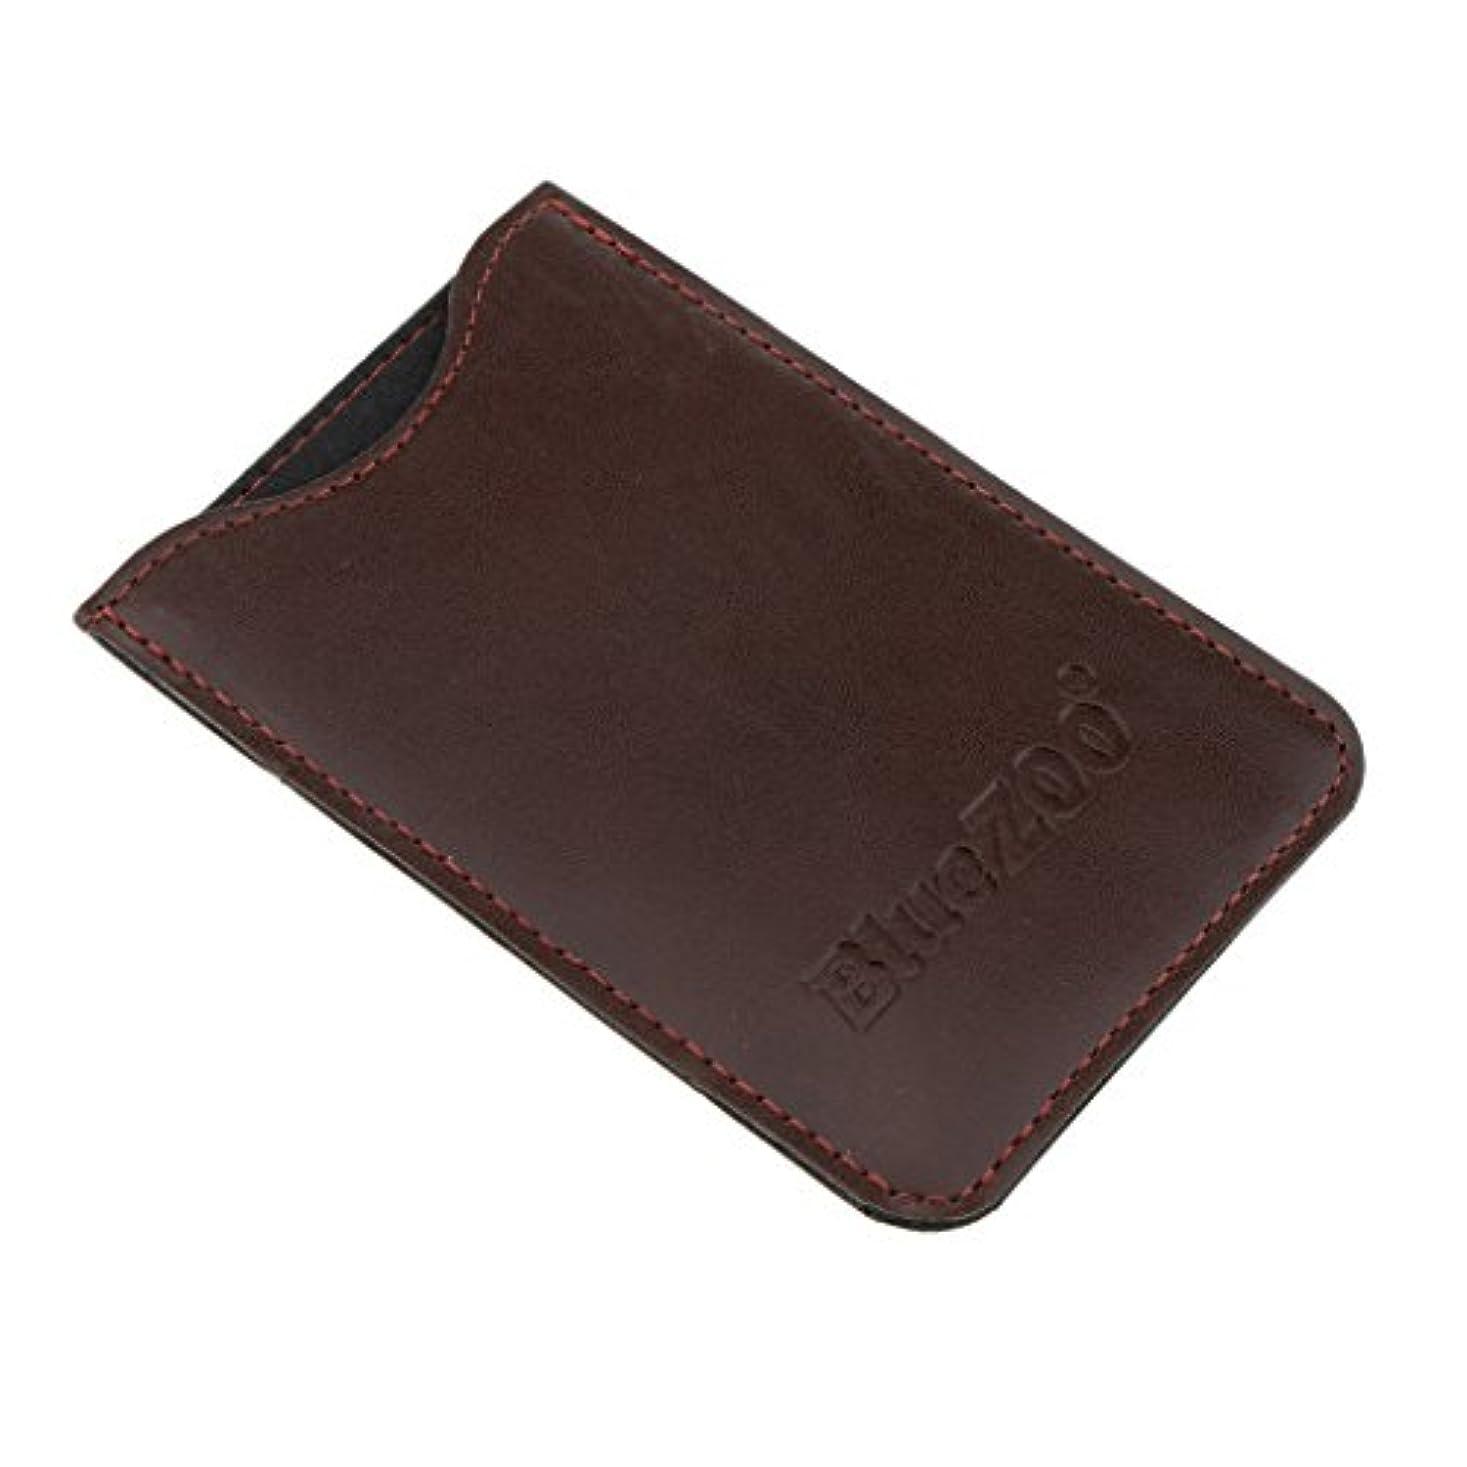 ジャズアクセント意外Perfk PUレザー バッグ 収納ケース 保護カバー 櫛/名刺/IDカード/銀行カード 収納パック 便利 全2色  - 褐色